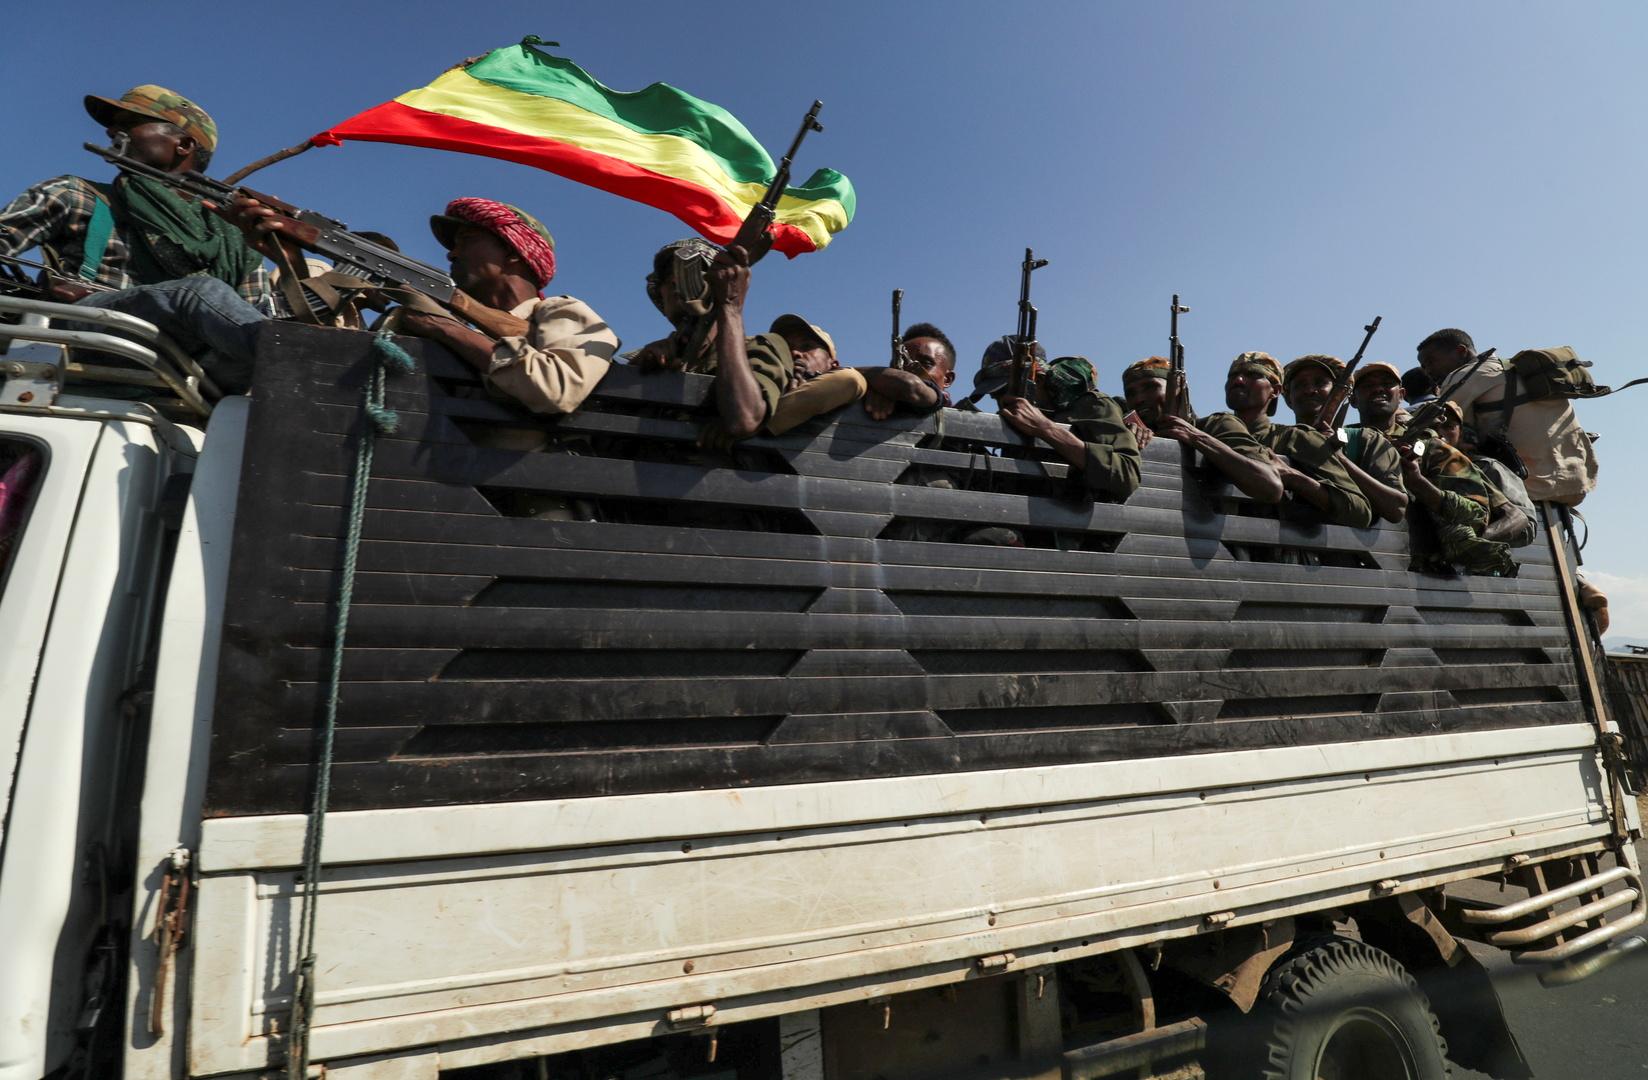 العفو الدولية تتهم جنود إريتريا بمواصلة قتل مدنيين في تيغراي